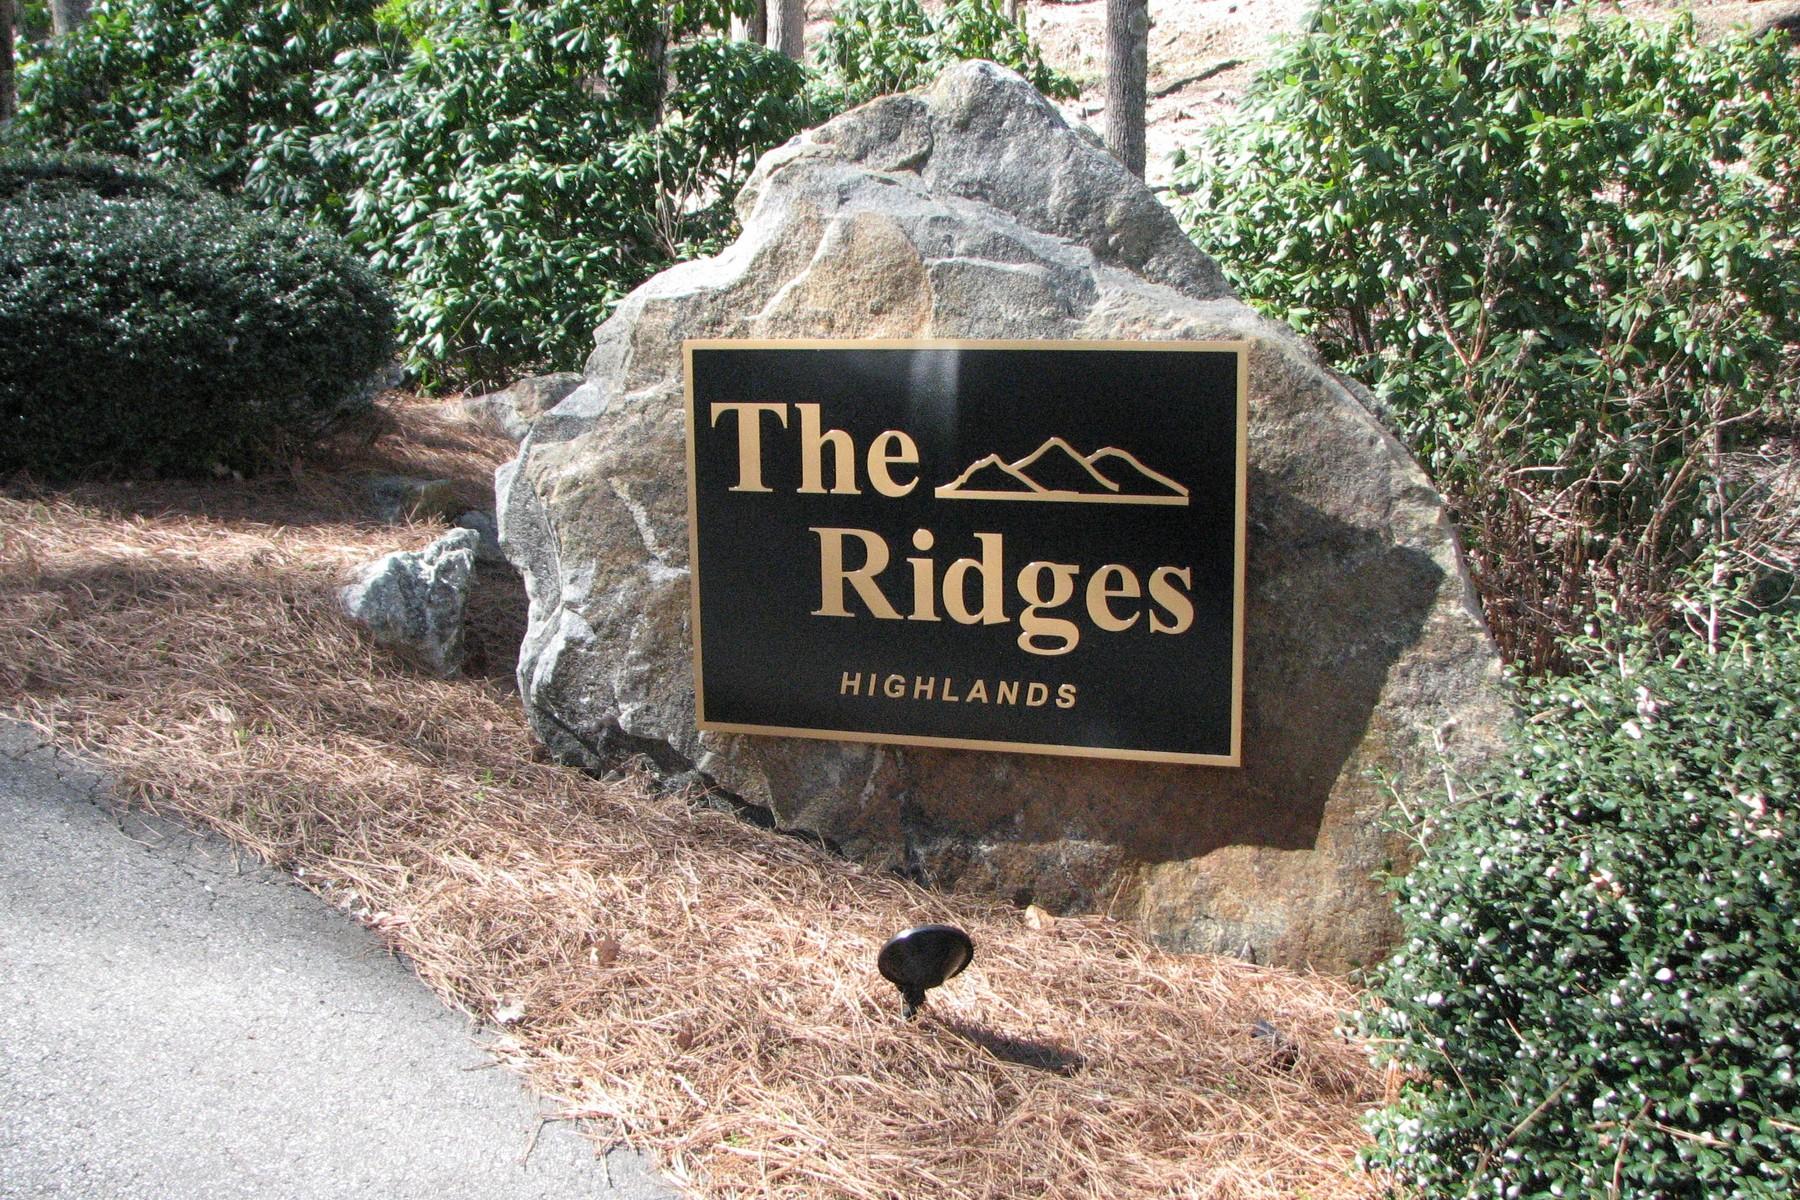 Land for Sale at The Ridges of Highlands Lot 12 Historic Highlands Drive Highlands, North Carolina, 28741 United States